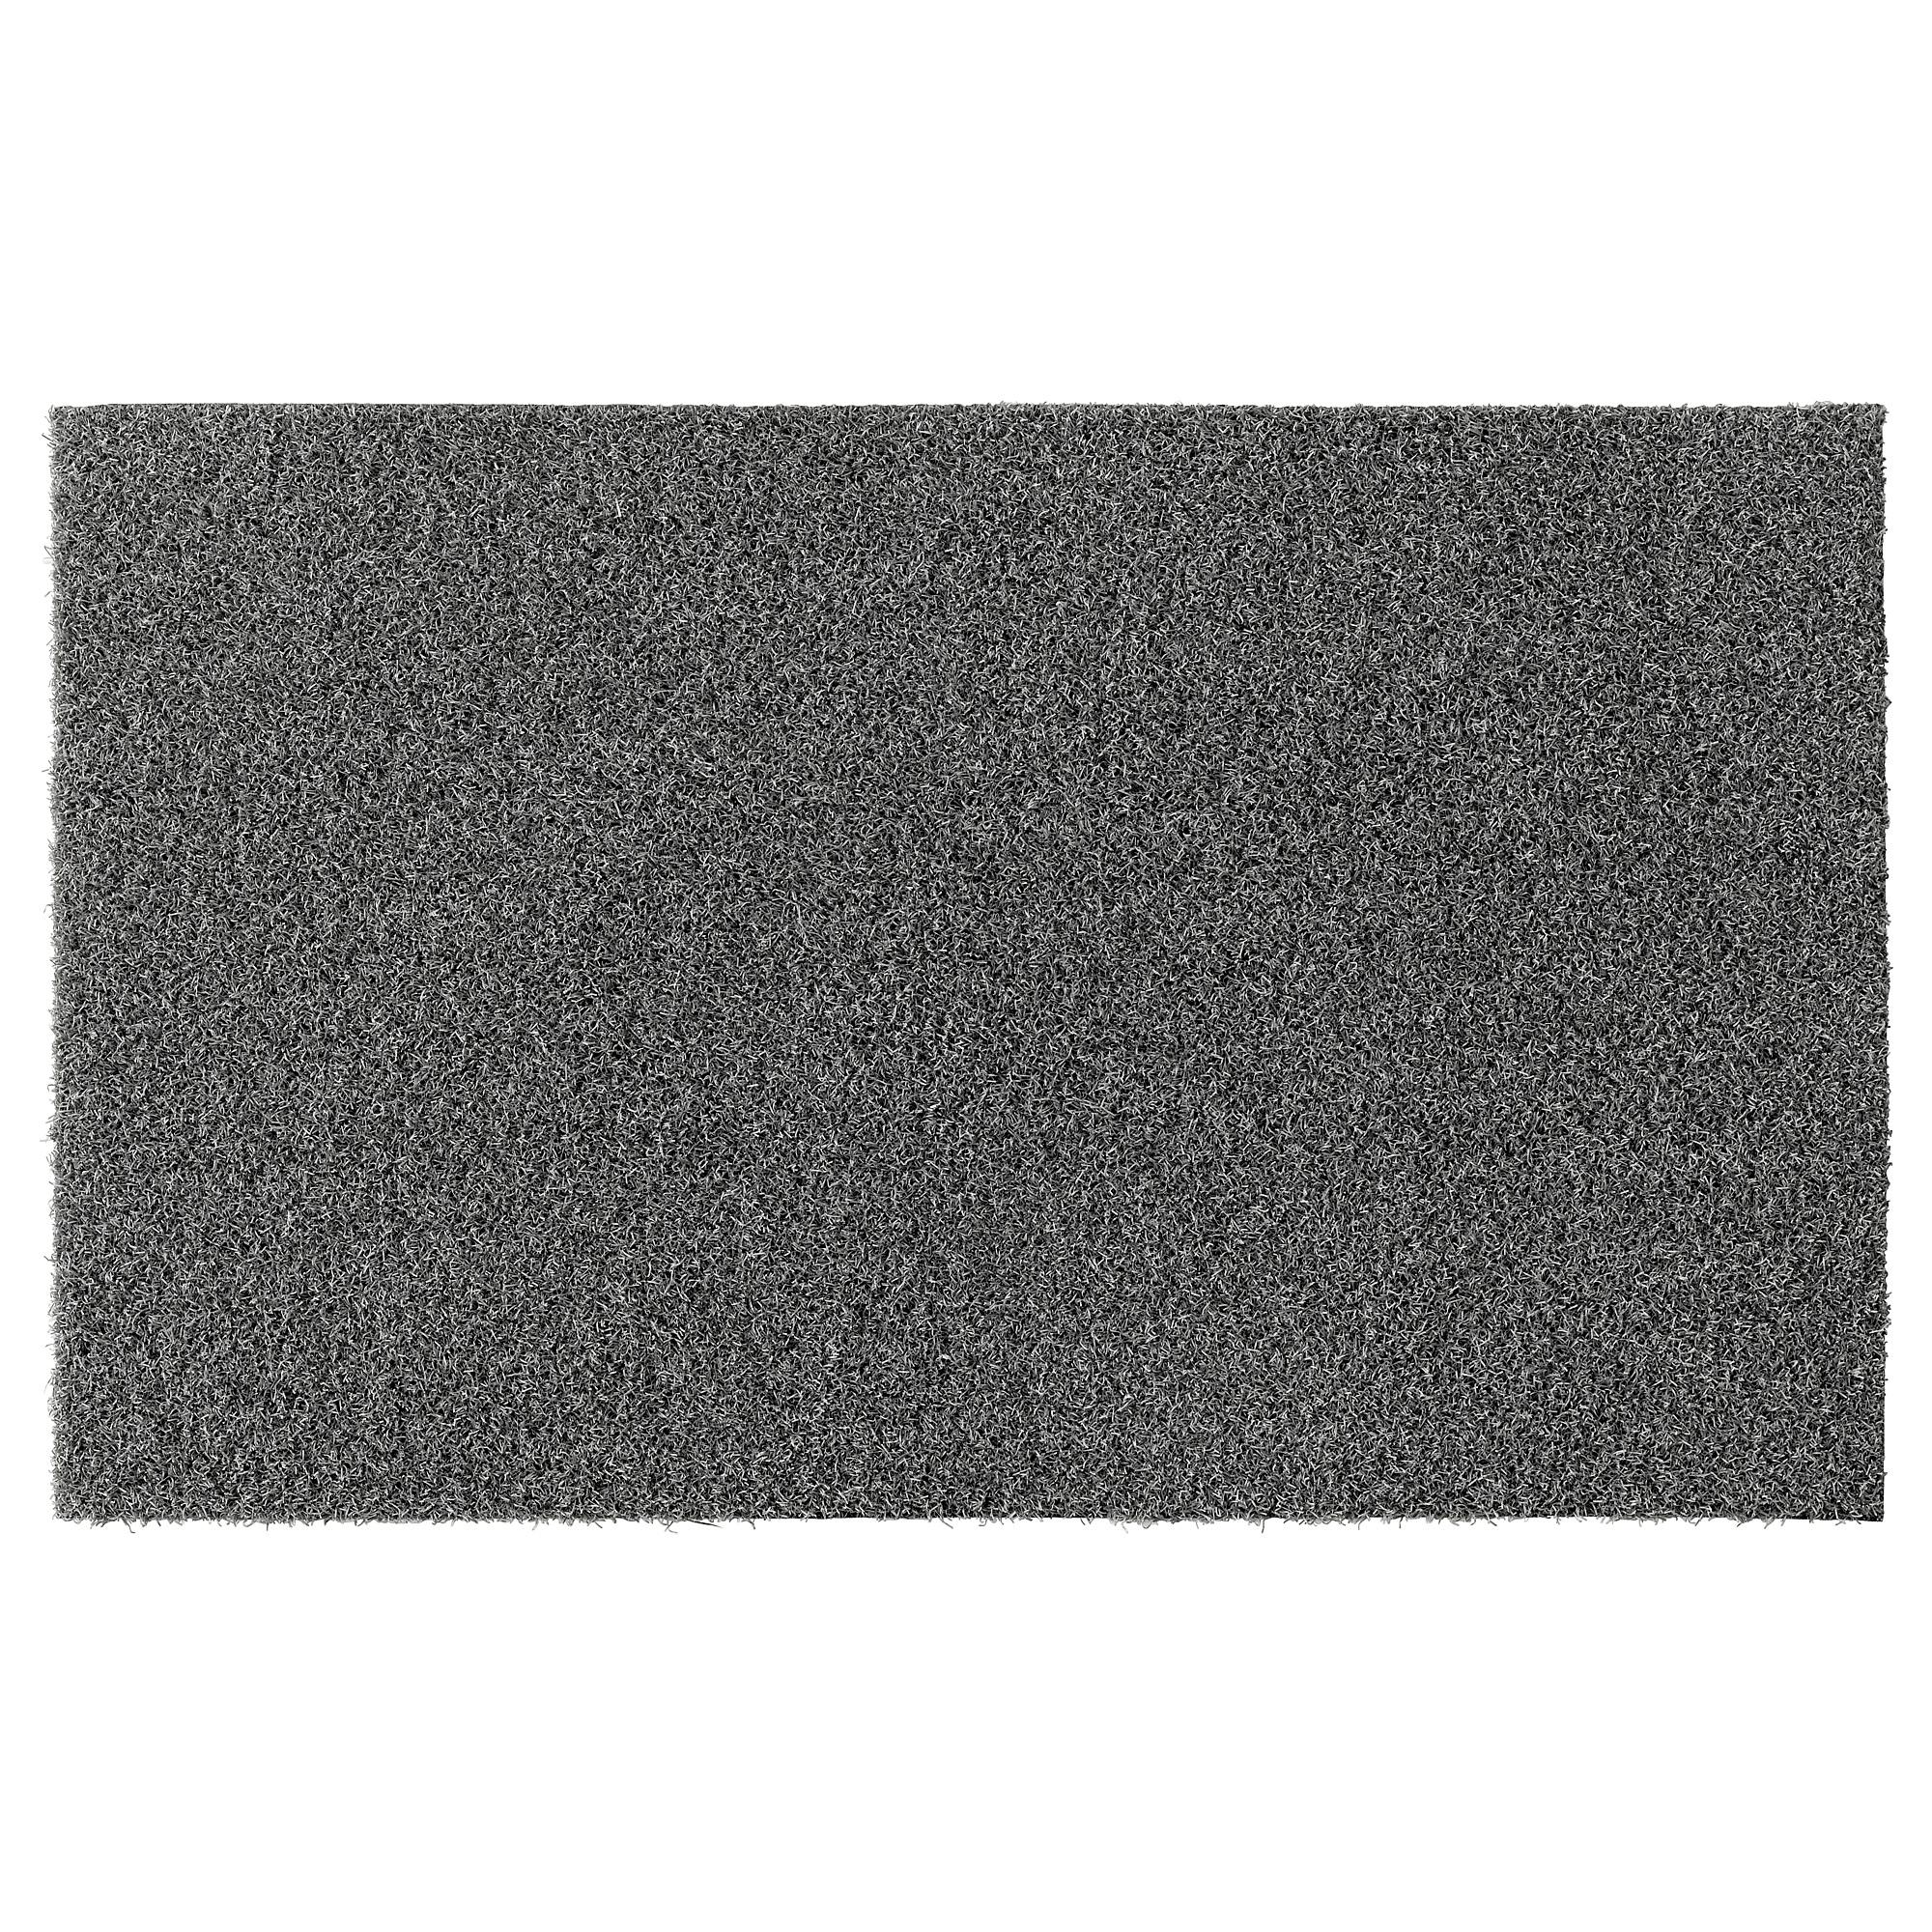 門墊, 室內/戶外用, , 灰色, 50x80 公分